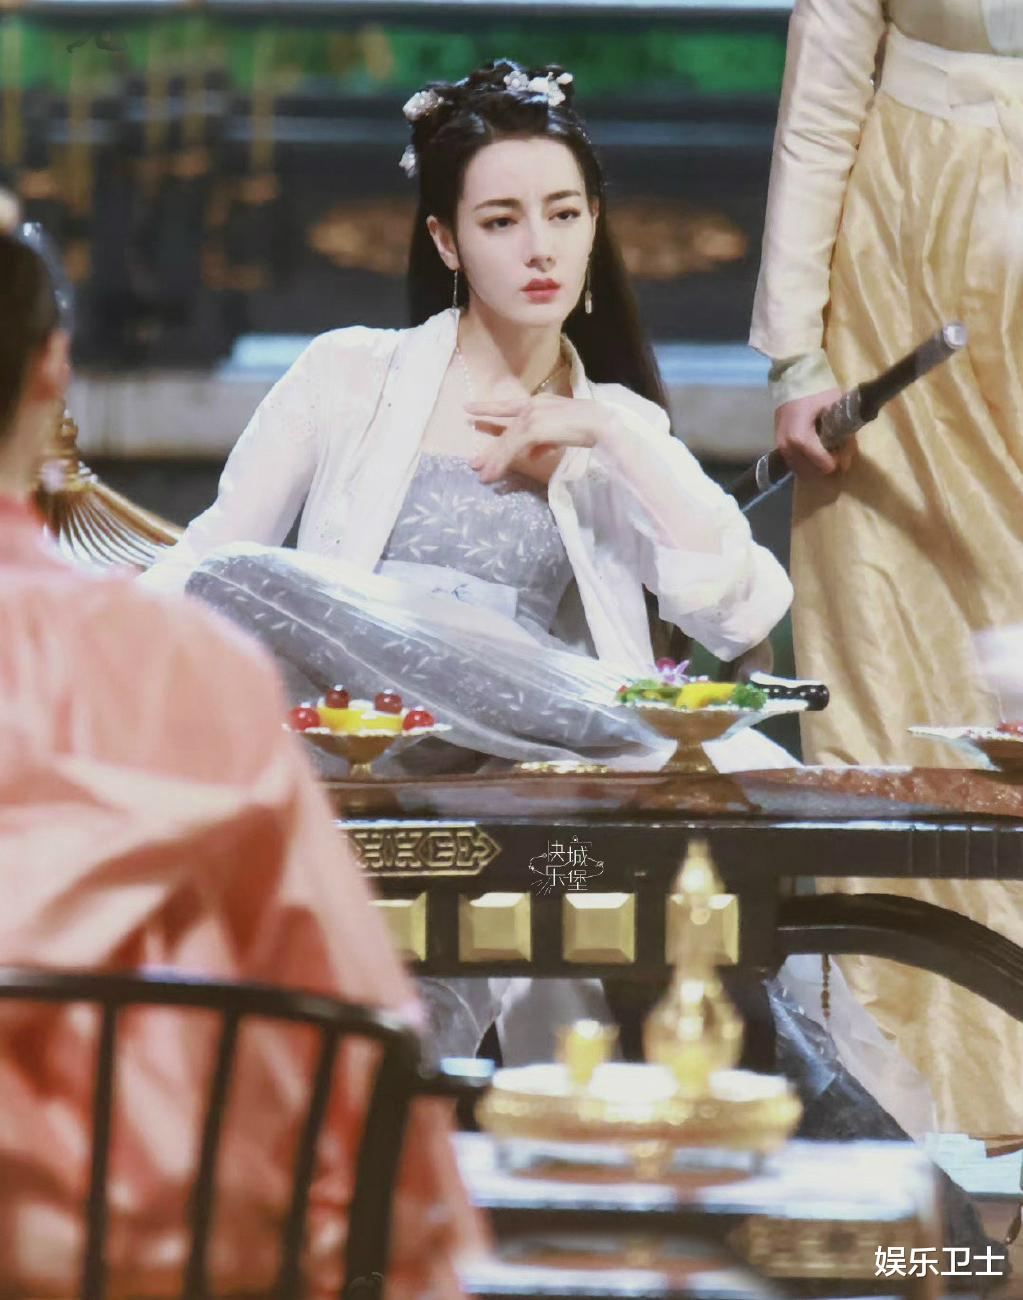 《安乐传》路透,迪丽热巴霸气可爱秒切换,与龚俊互动好有爱,刘宇宁造型喜庆